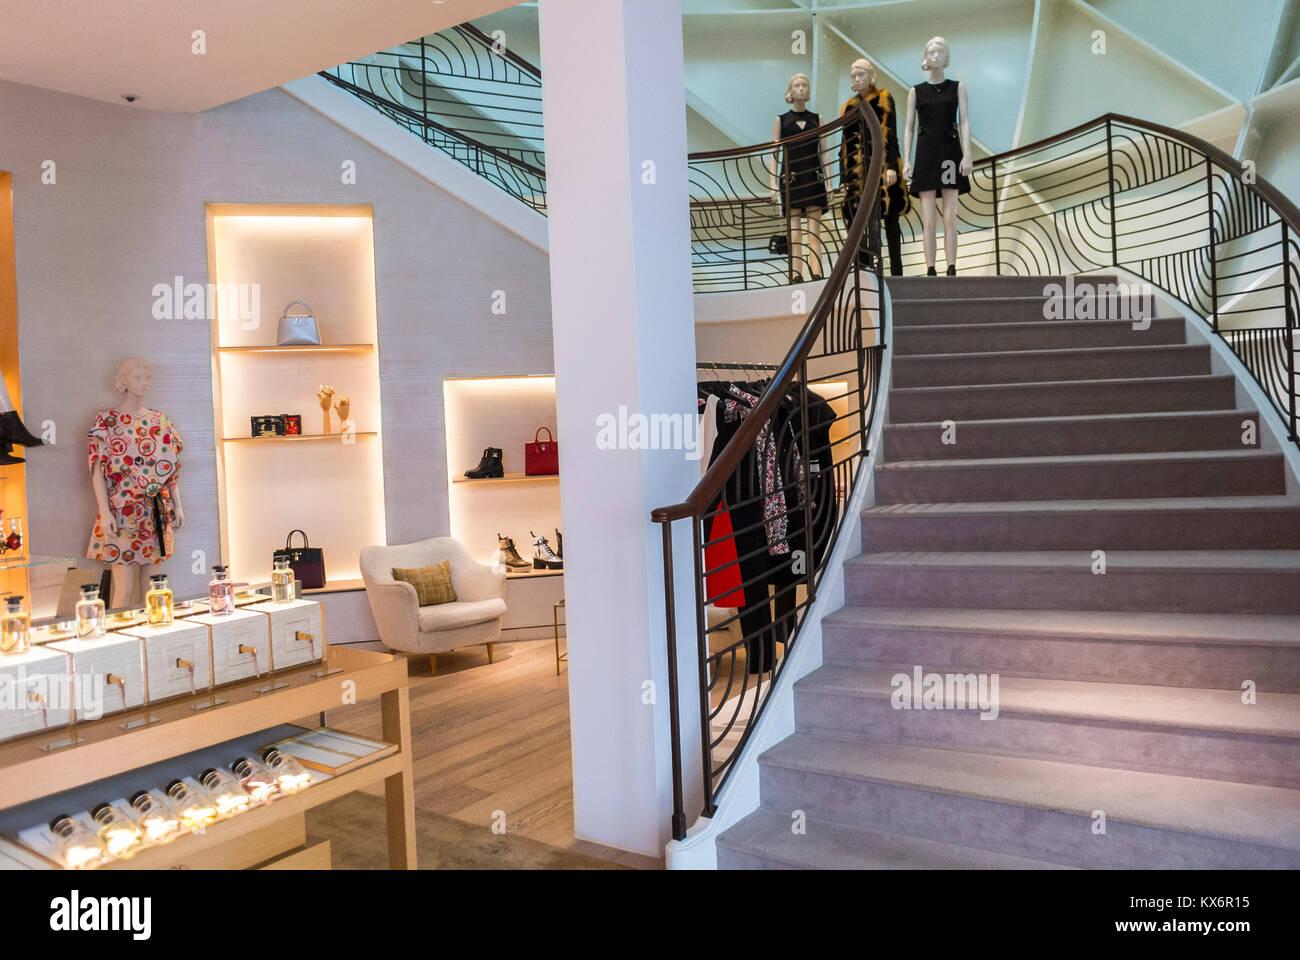 Monaco, Monte Carlo, Les Pavillions, Luxury Shops, Shopping Center, LVMH, Louis Vuitton Store - Stock Image